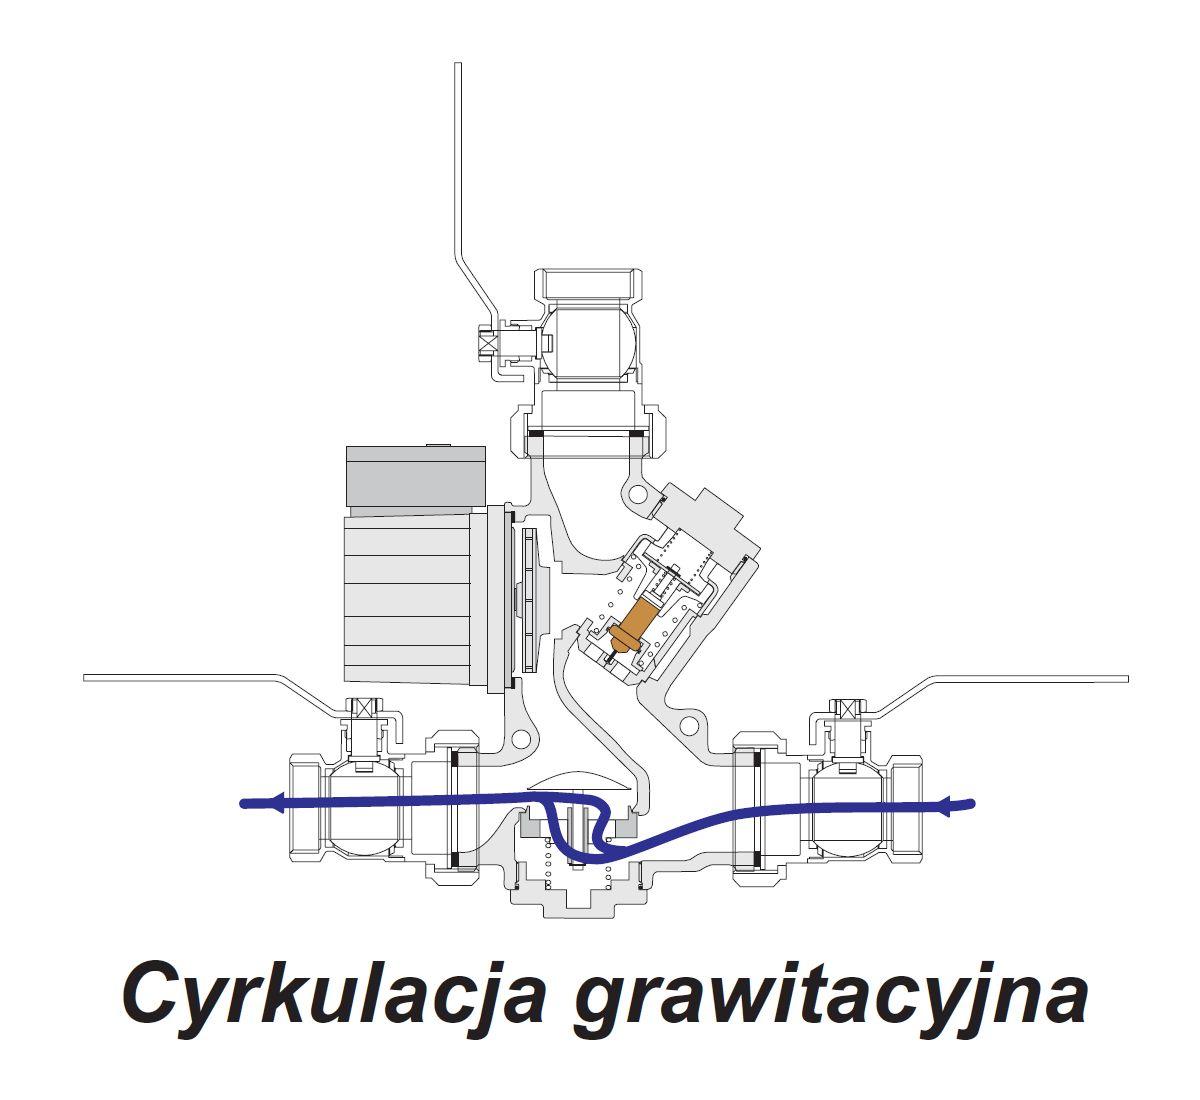 Laddomat i faza grawitacyjna przy braku prądu lub zakończeniu ogrzewania przez kocioł c.o - schemat działania Laddomat'u